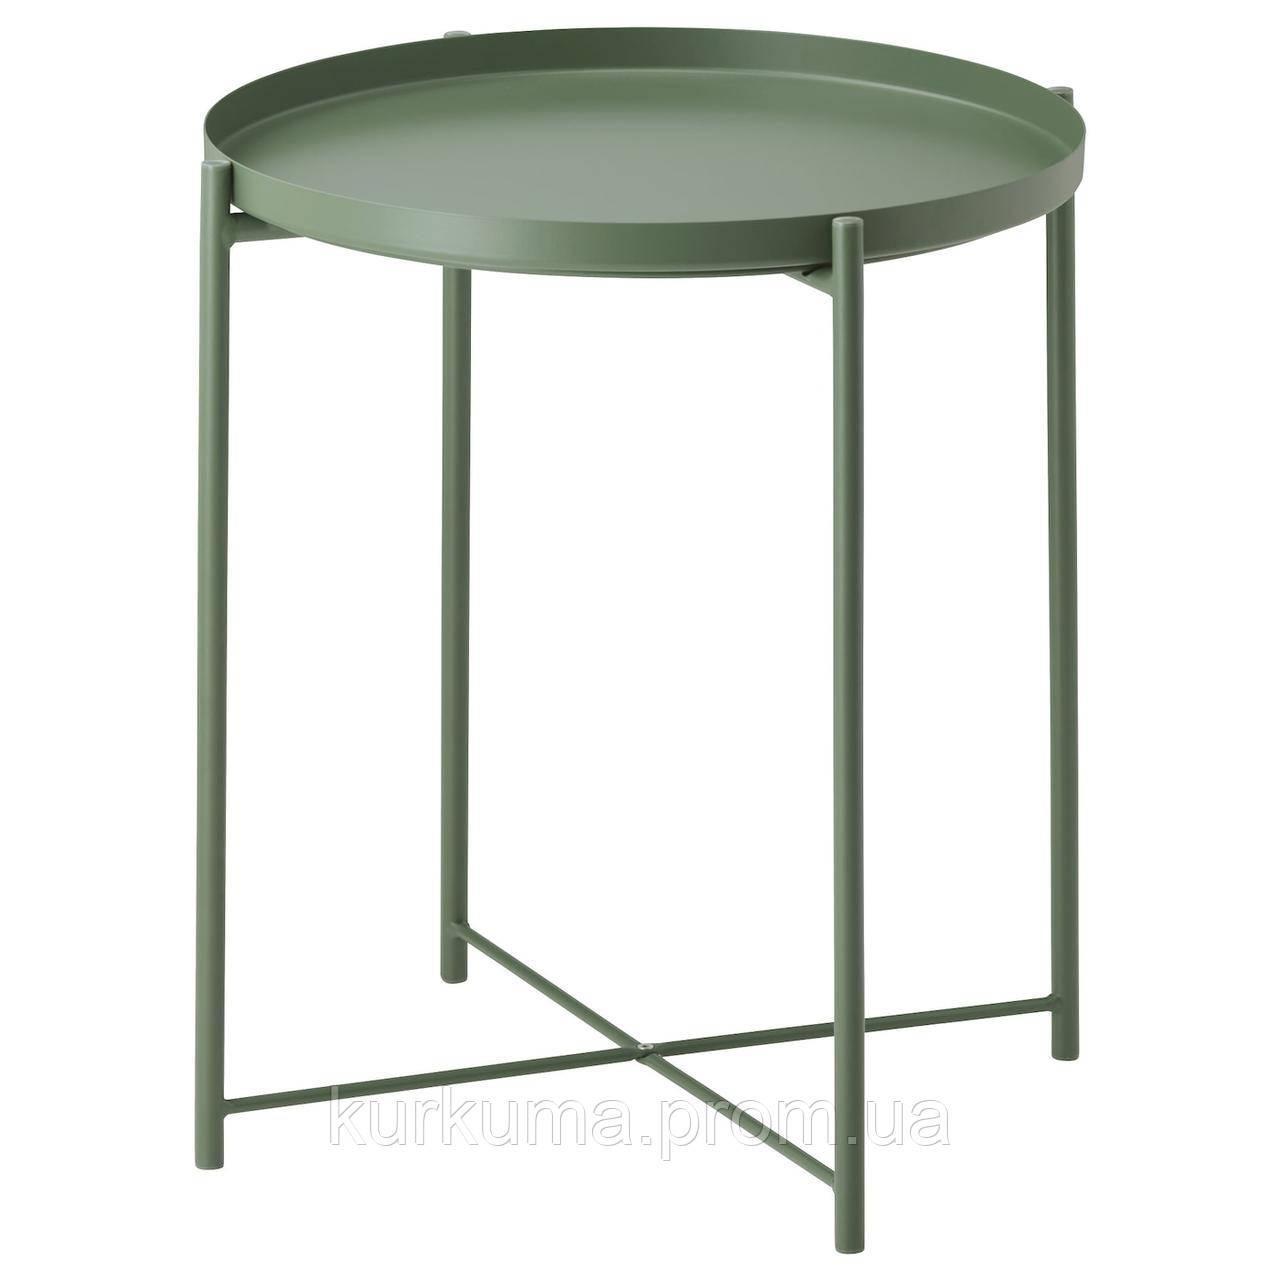 IKEA GLADOM Журнальный столик, темно-зеленый, 45x53 см (103.306.70)